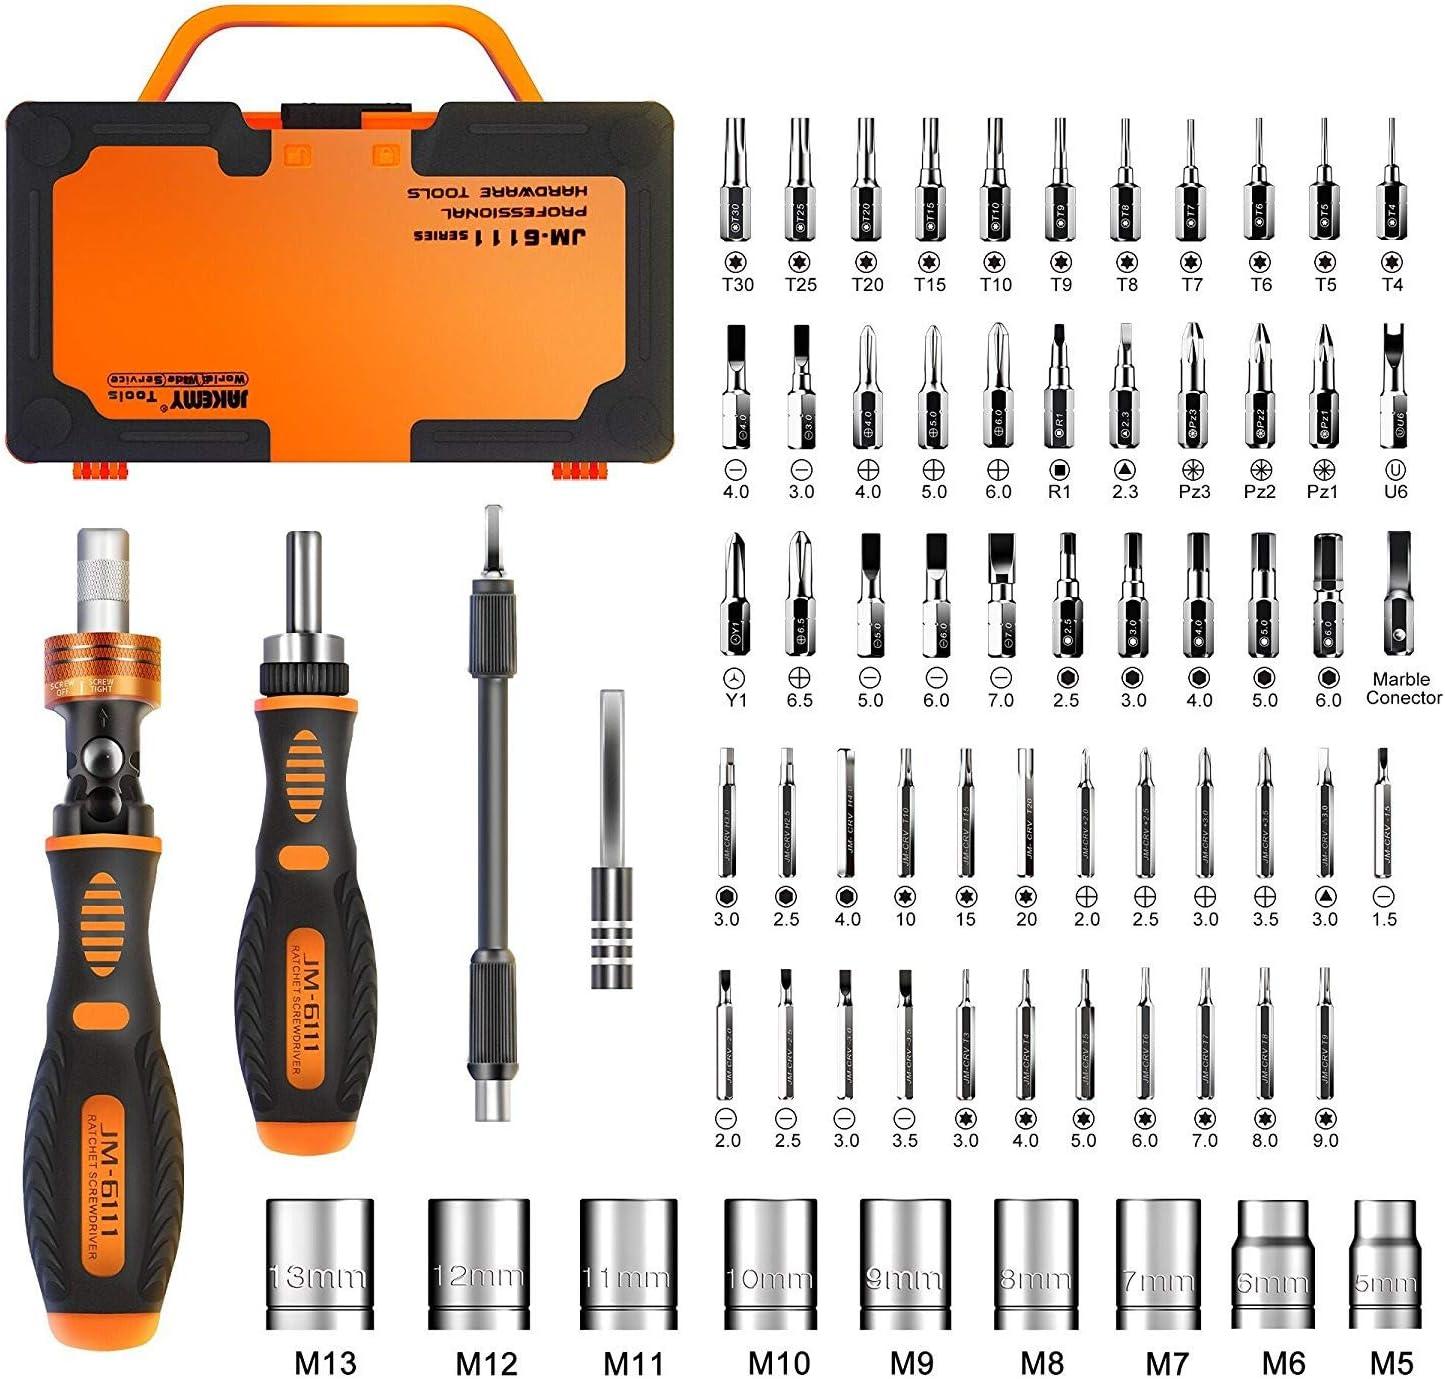 69 in 1 Household Repair Toolkit